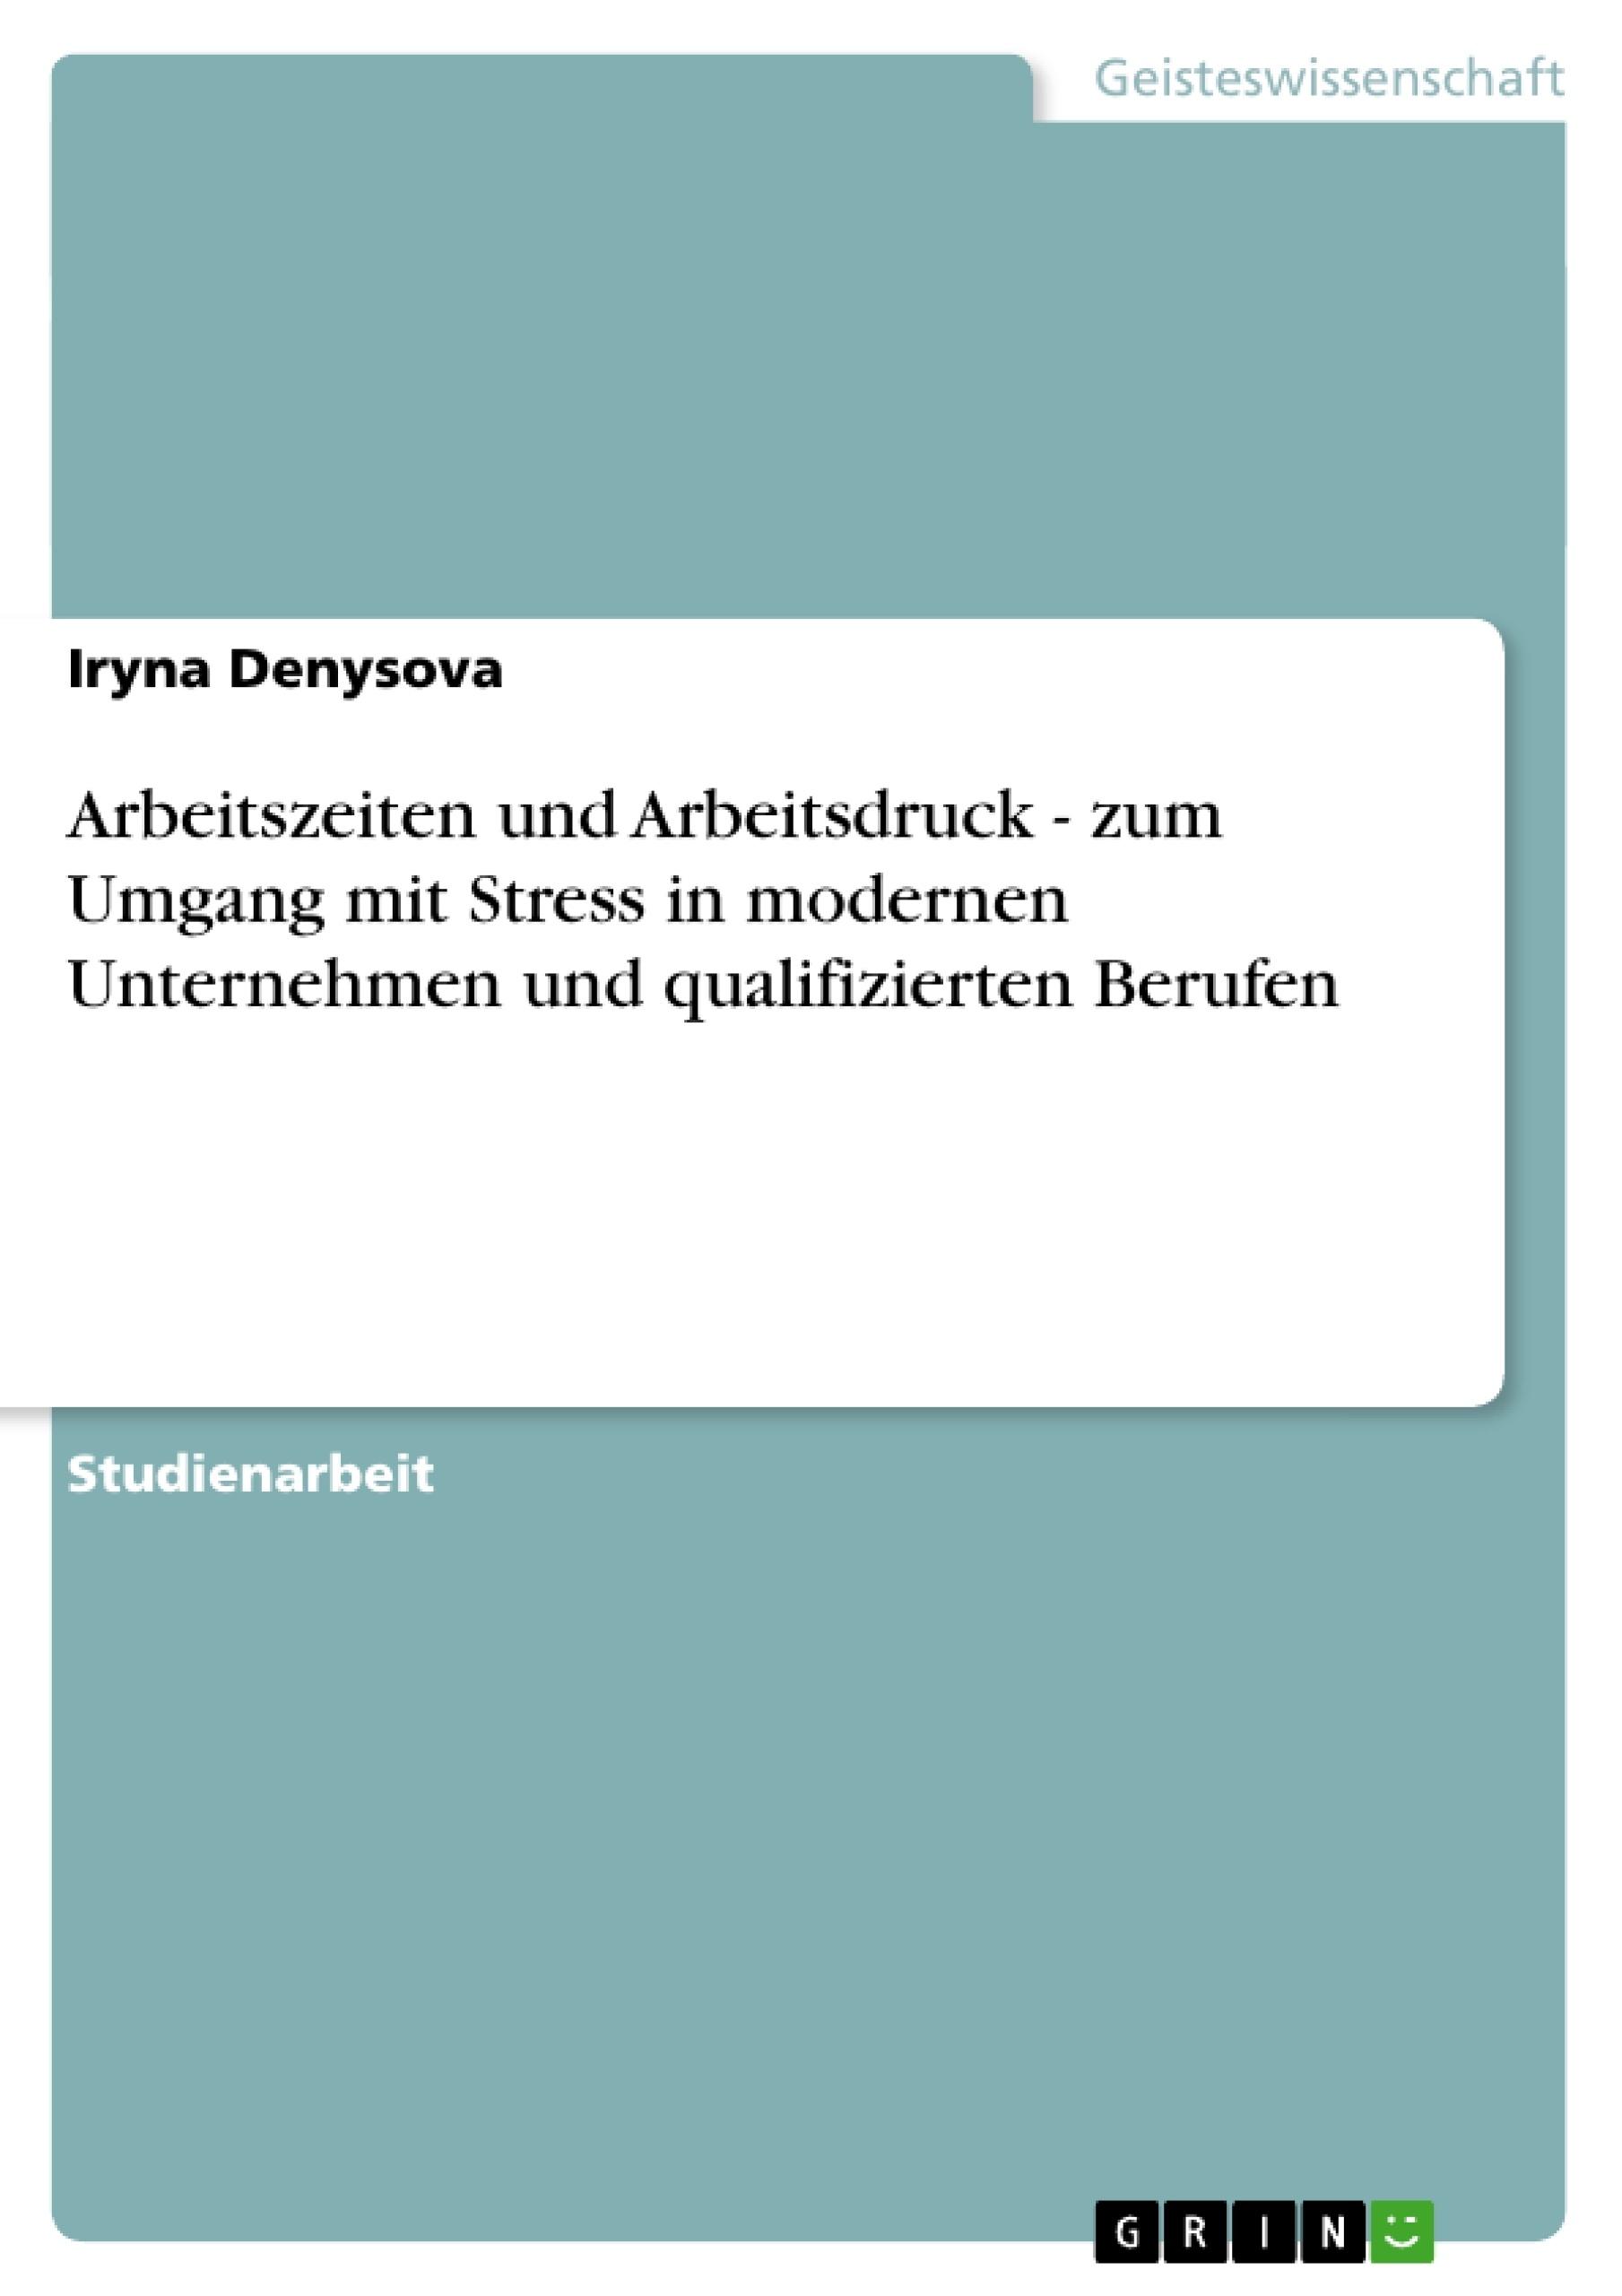 Titel: Arbeitszeiten und Arbeitsdruck - zum Umgang mit Stress in modernen Unternehmen und qualifizierten Berufen